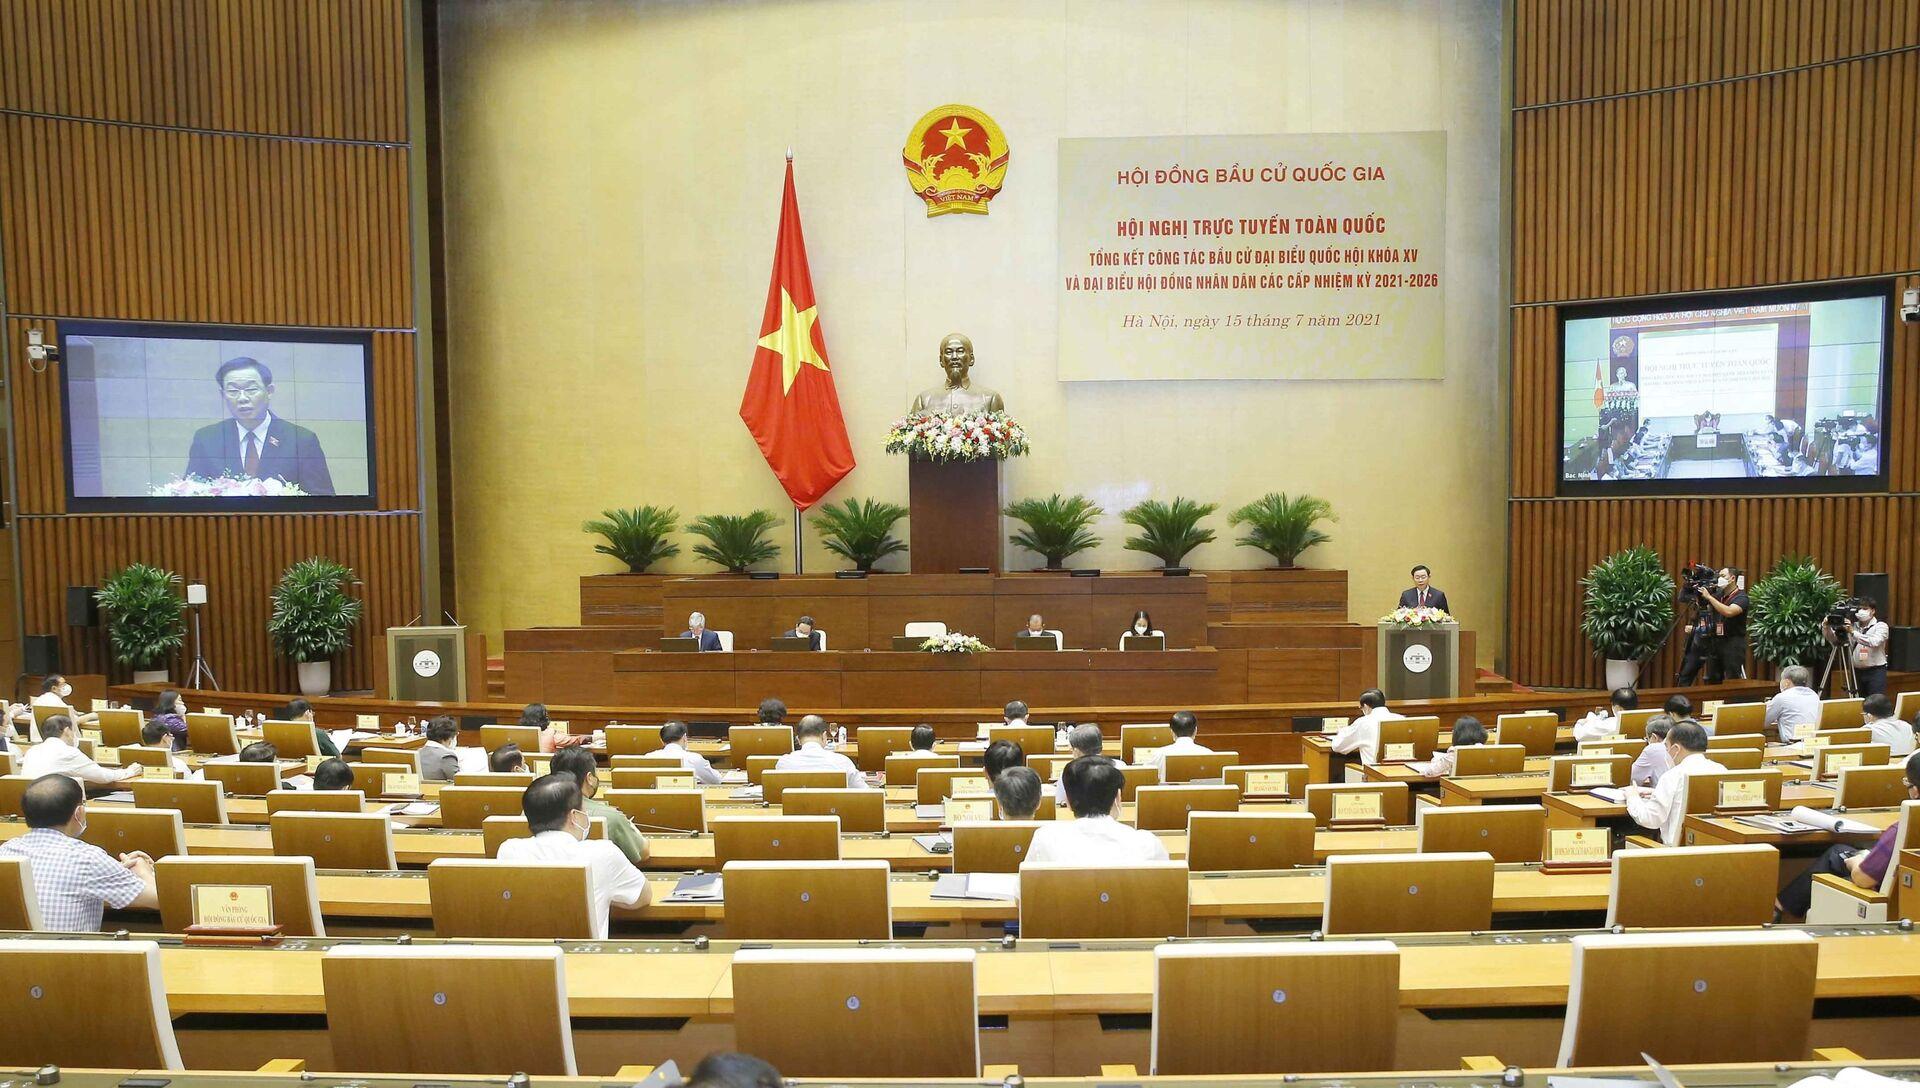 Ông Vương Đình Huệ: Bầu cử Việt Nam 'dân chủ, minh bạch' - Sputnik Việt Nam, 1920, 15.07.2021